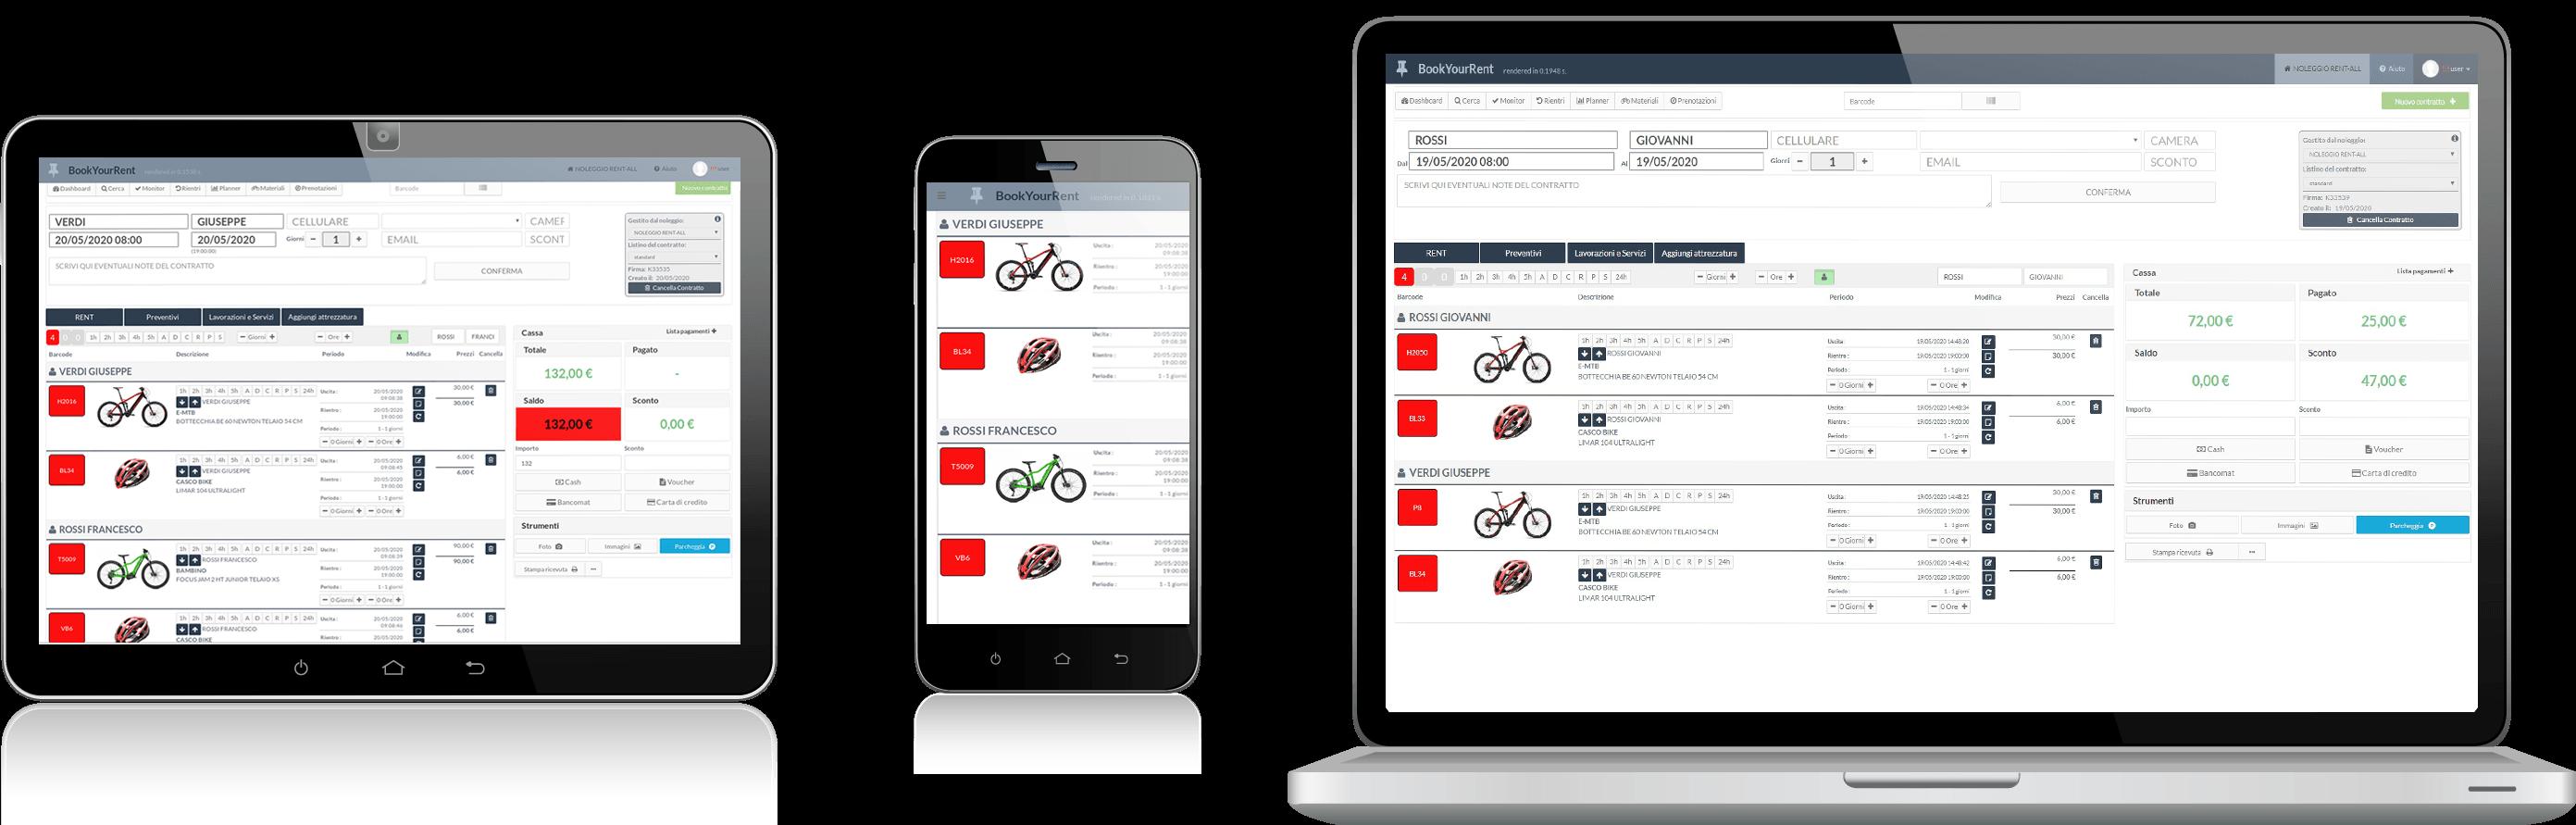 Diversi dispositivi che hanno sullo schermo il software gestionale per noleggi di sci e bici RENT-ALL